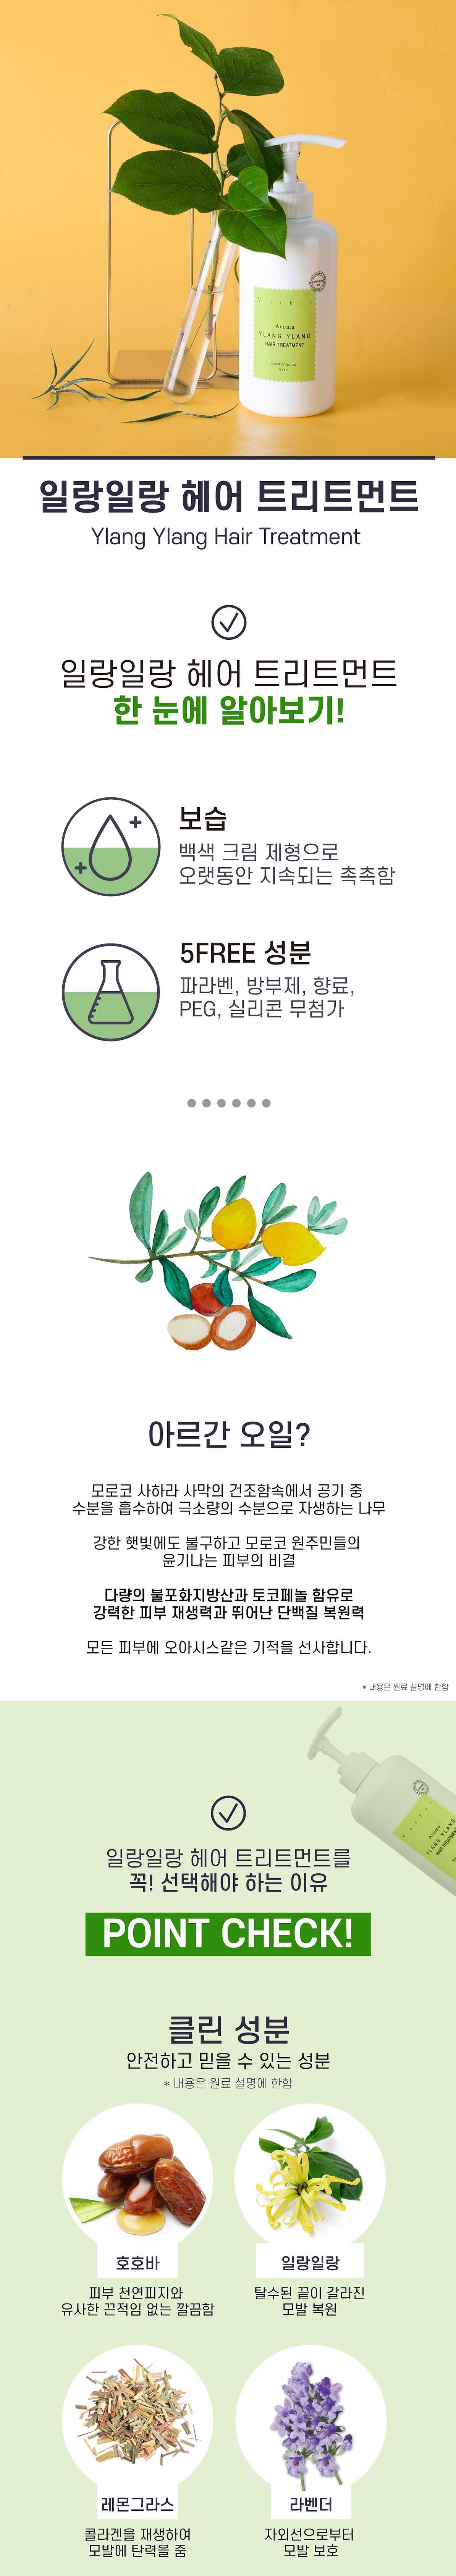 일랑일랑트리트먼트-아시안스파hp-1.jpg